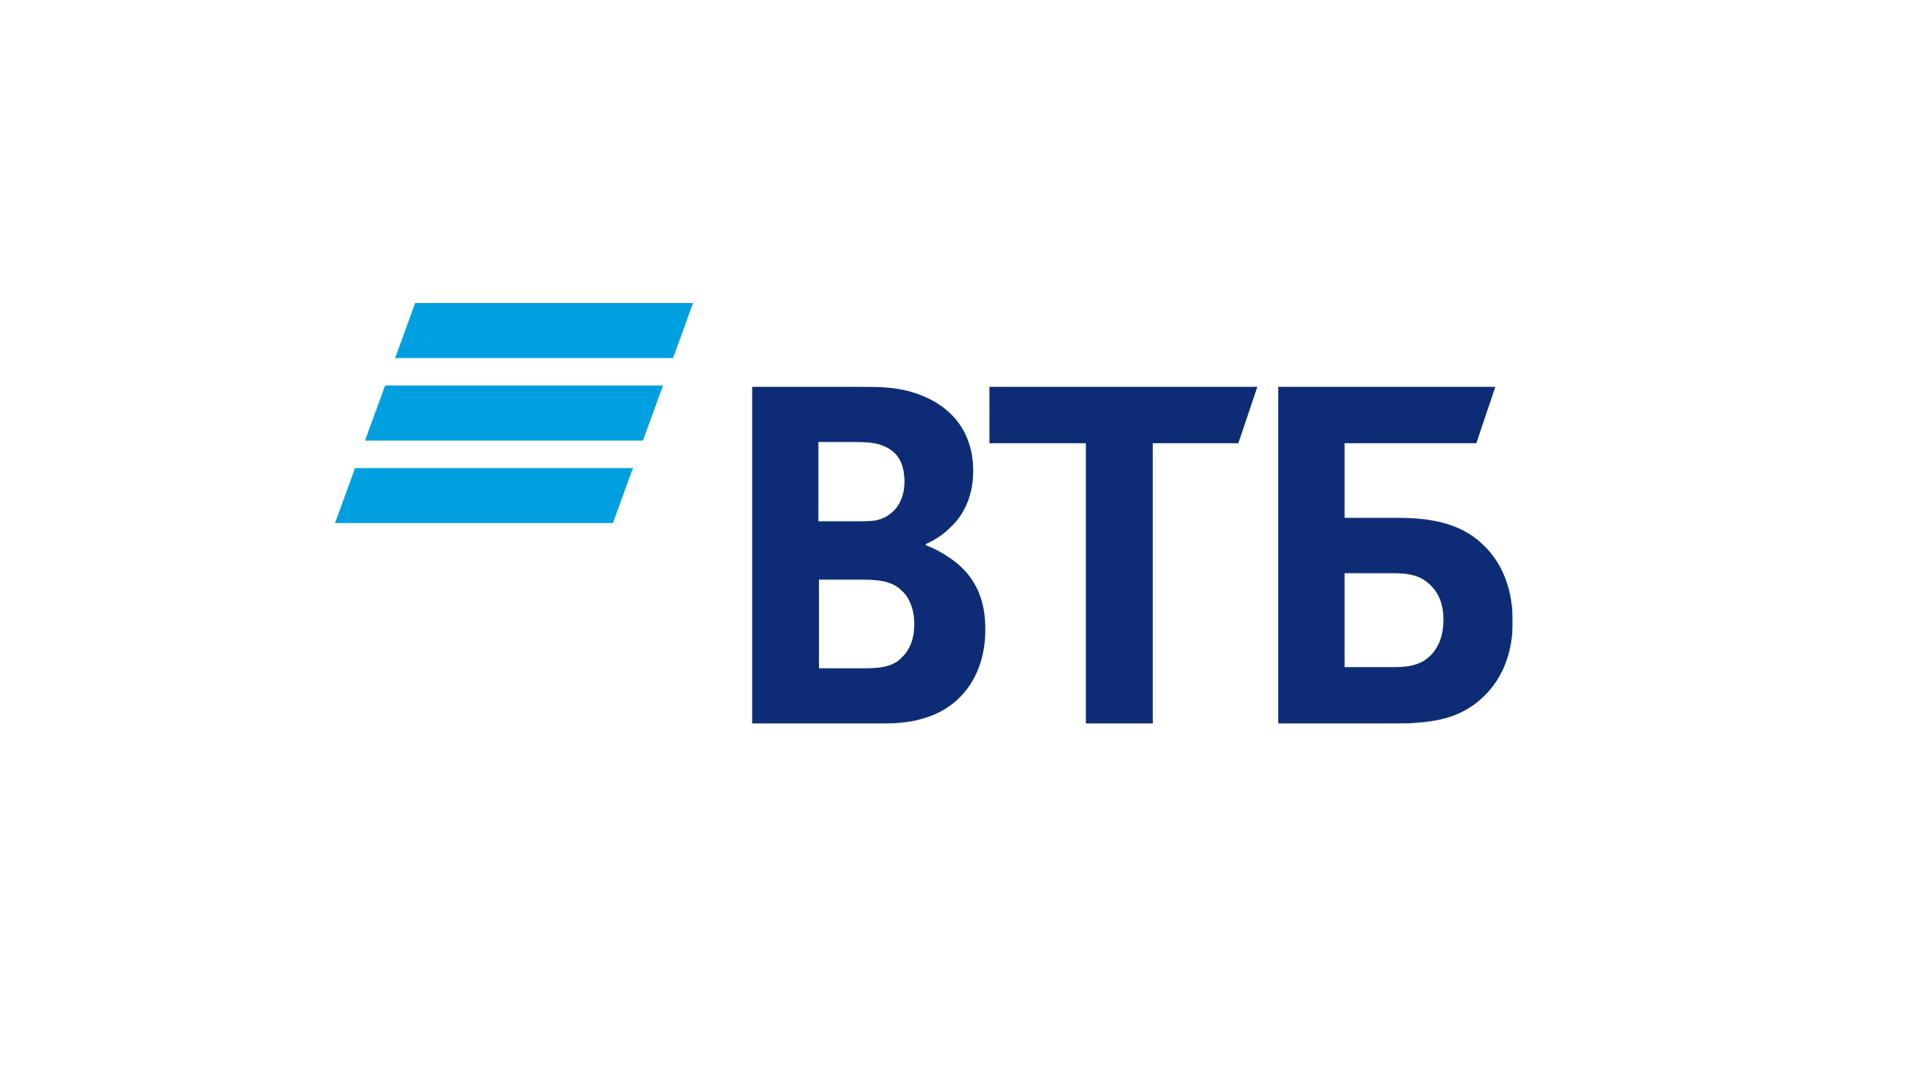 ВТБ запускает новый мобильный банк